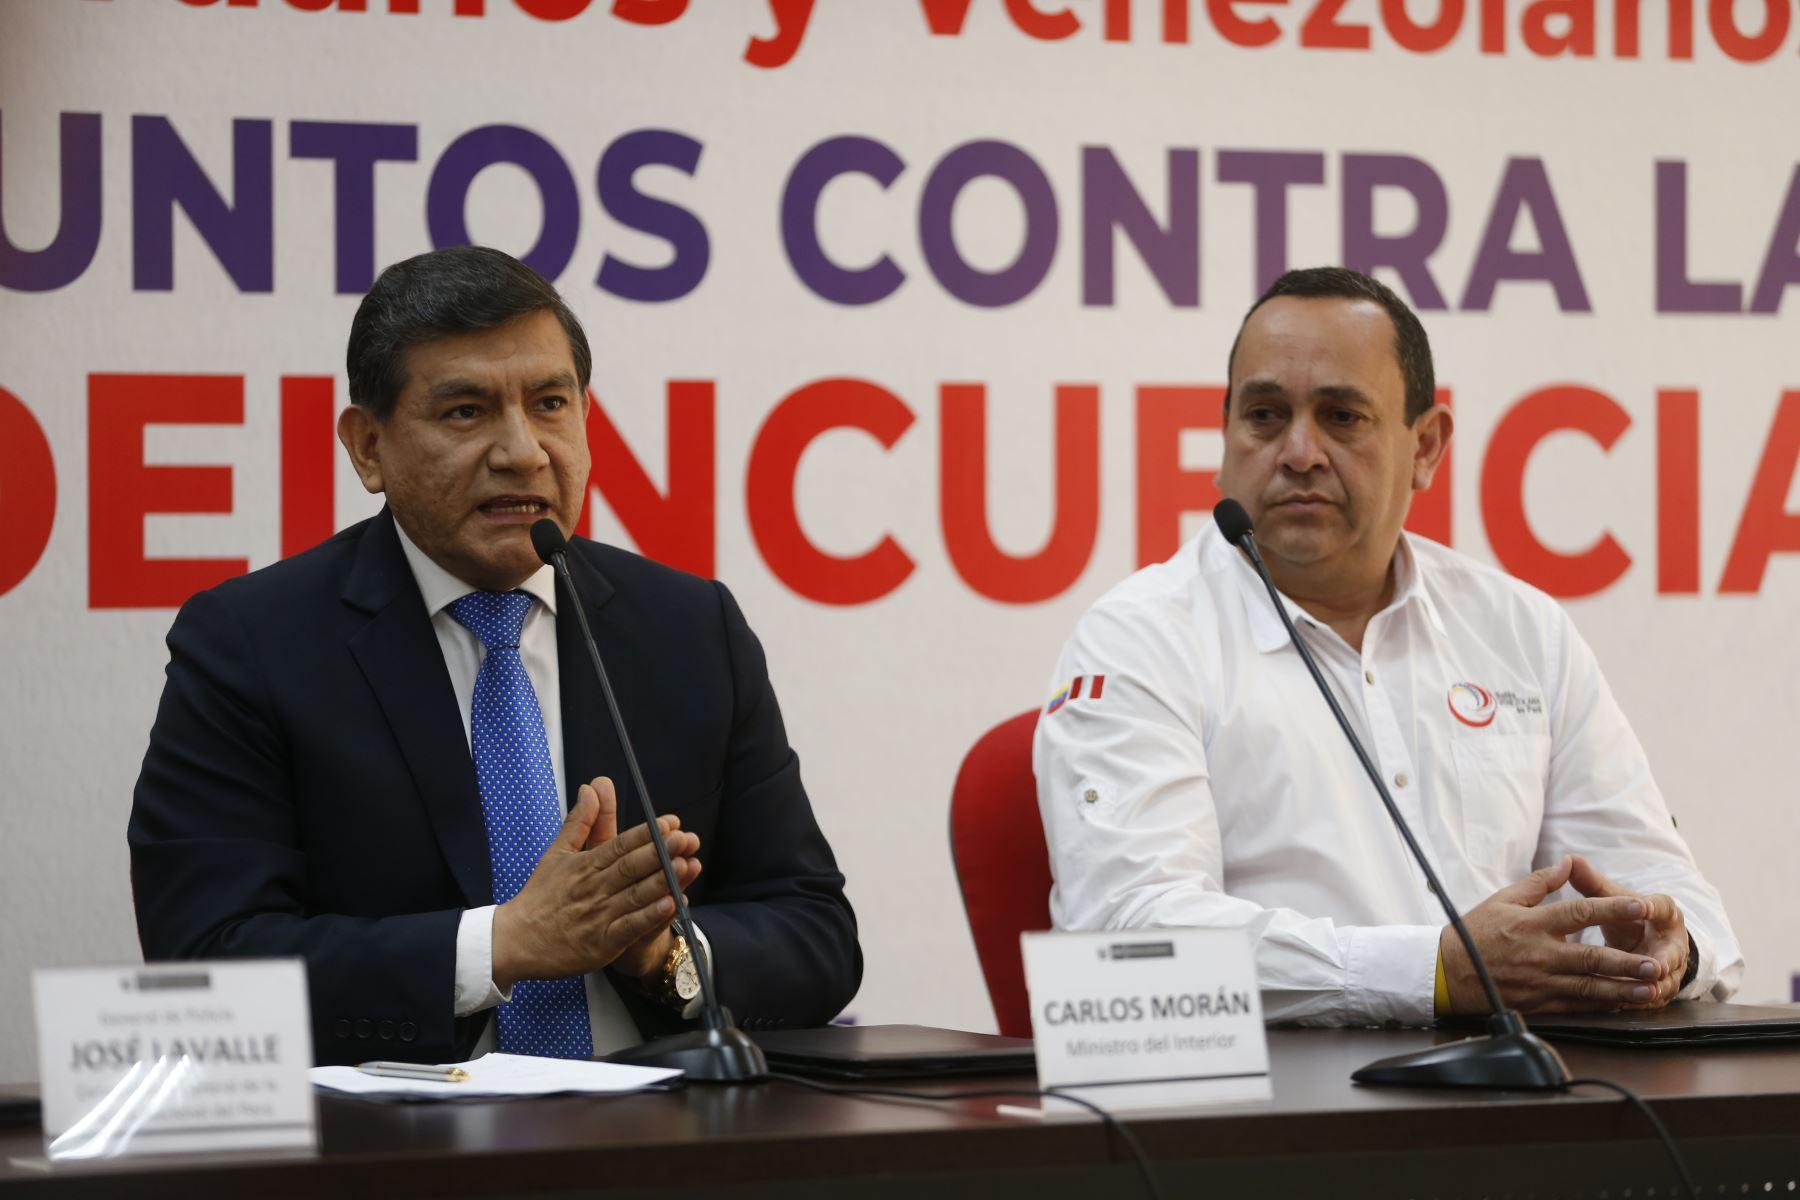 Mininter y Unión Venezolana acuerdan combatir la delincuencia en el Perú. Participaron Ministro del Interior, Carlos Moran y Oscar Perez, presidente de la ONG Unión Venezolana en Perú. Foto: ANDINA/Renato Pajuelo